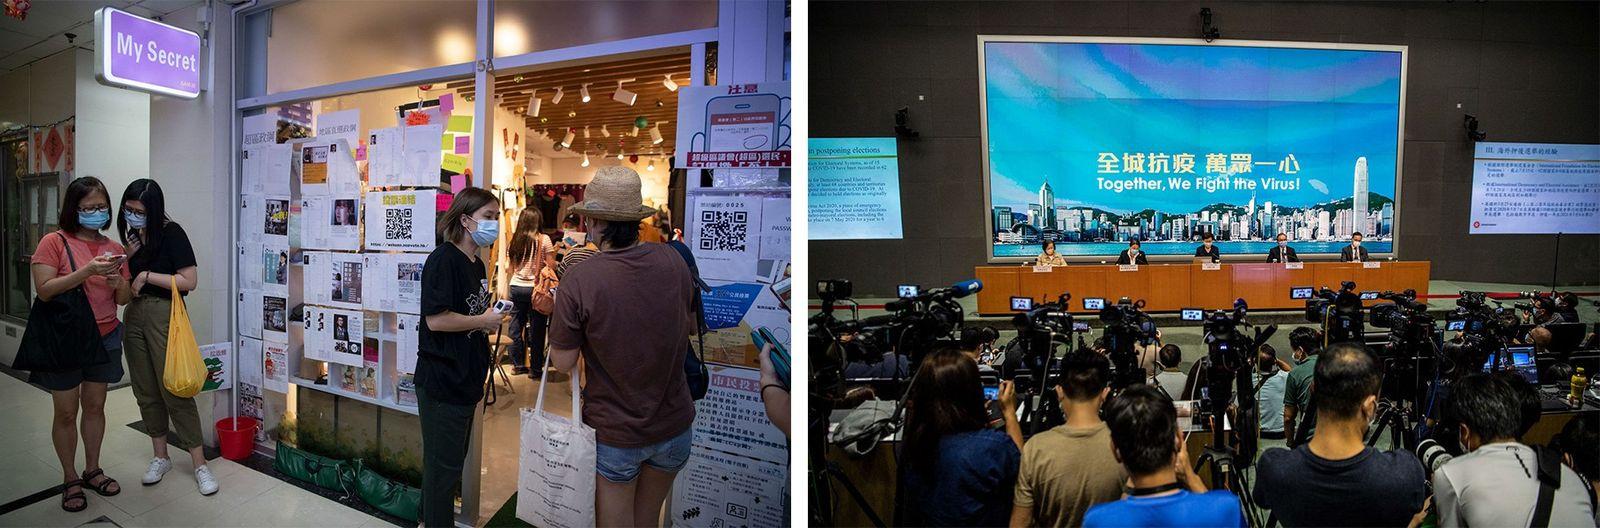 Esquerda: Eleitores aguardam à porta de uma loja de roupa interior que hoje tem mesas de ...